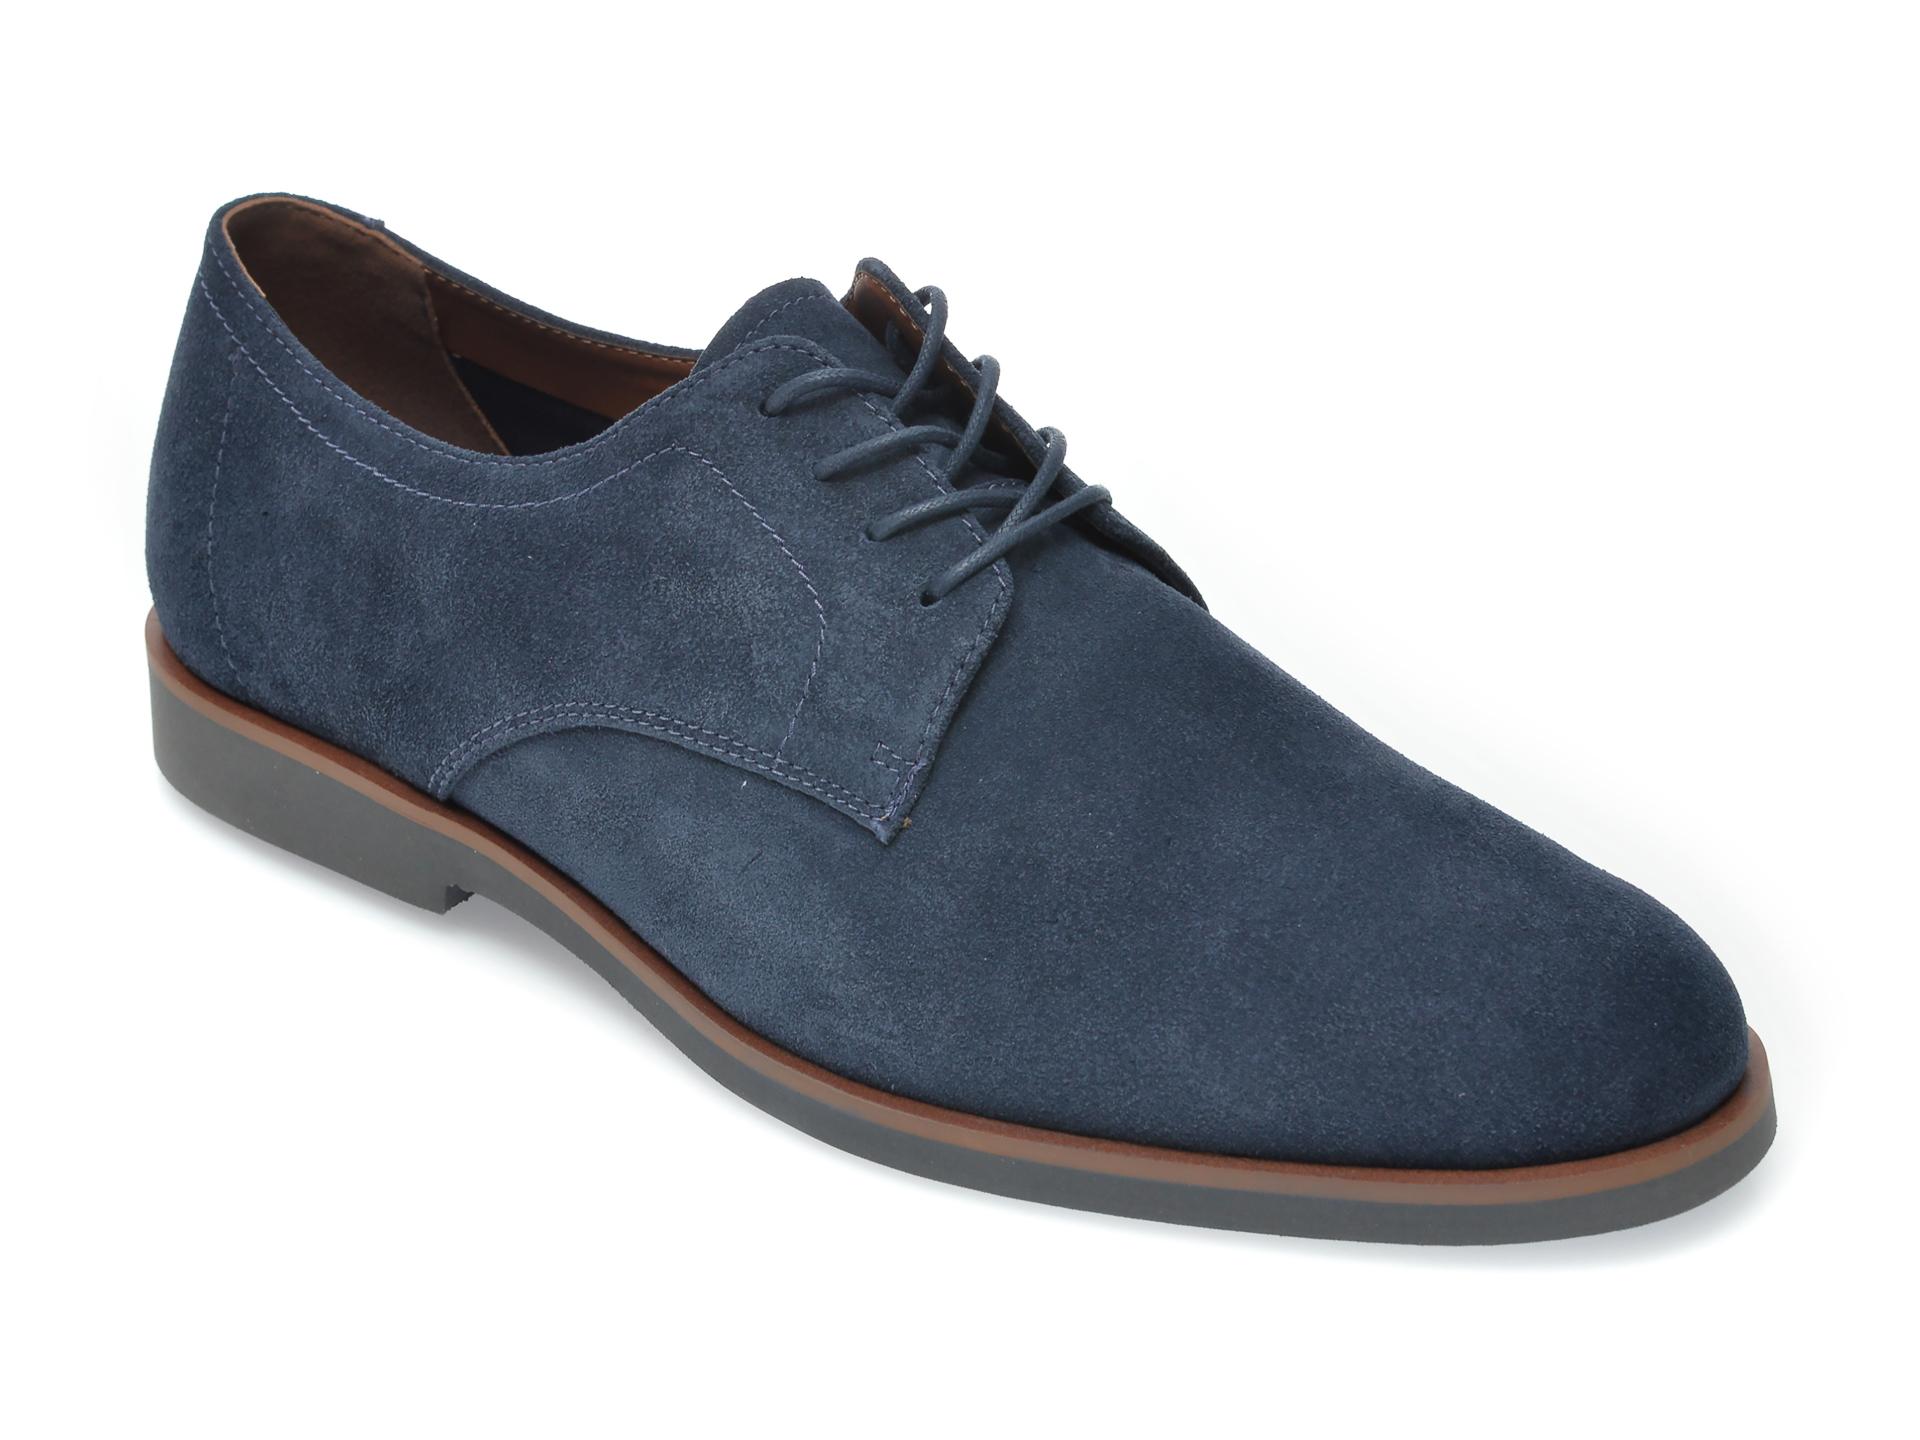 Pantofi ALDO bleumarin, Dautovo410, din piele intoarsa imagine